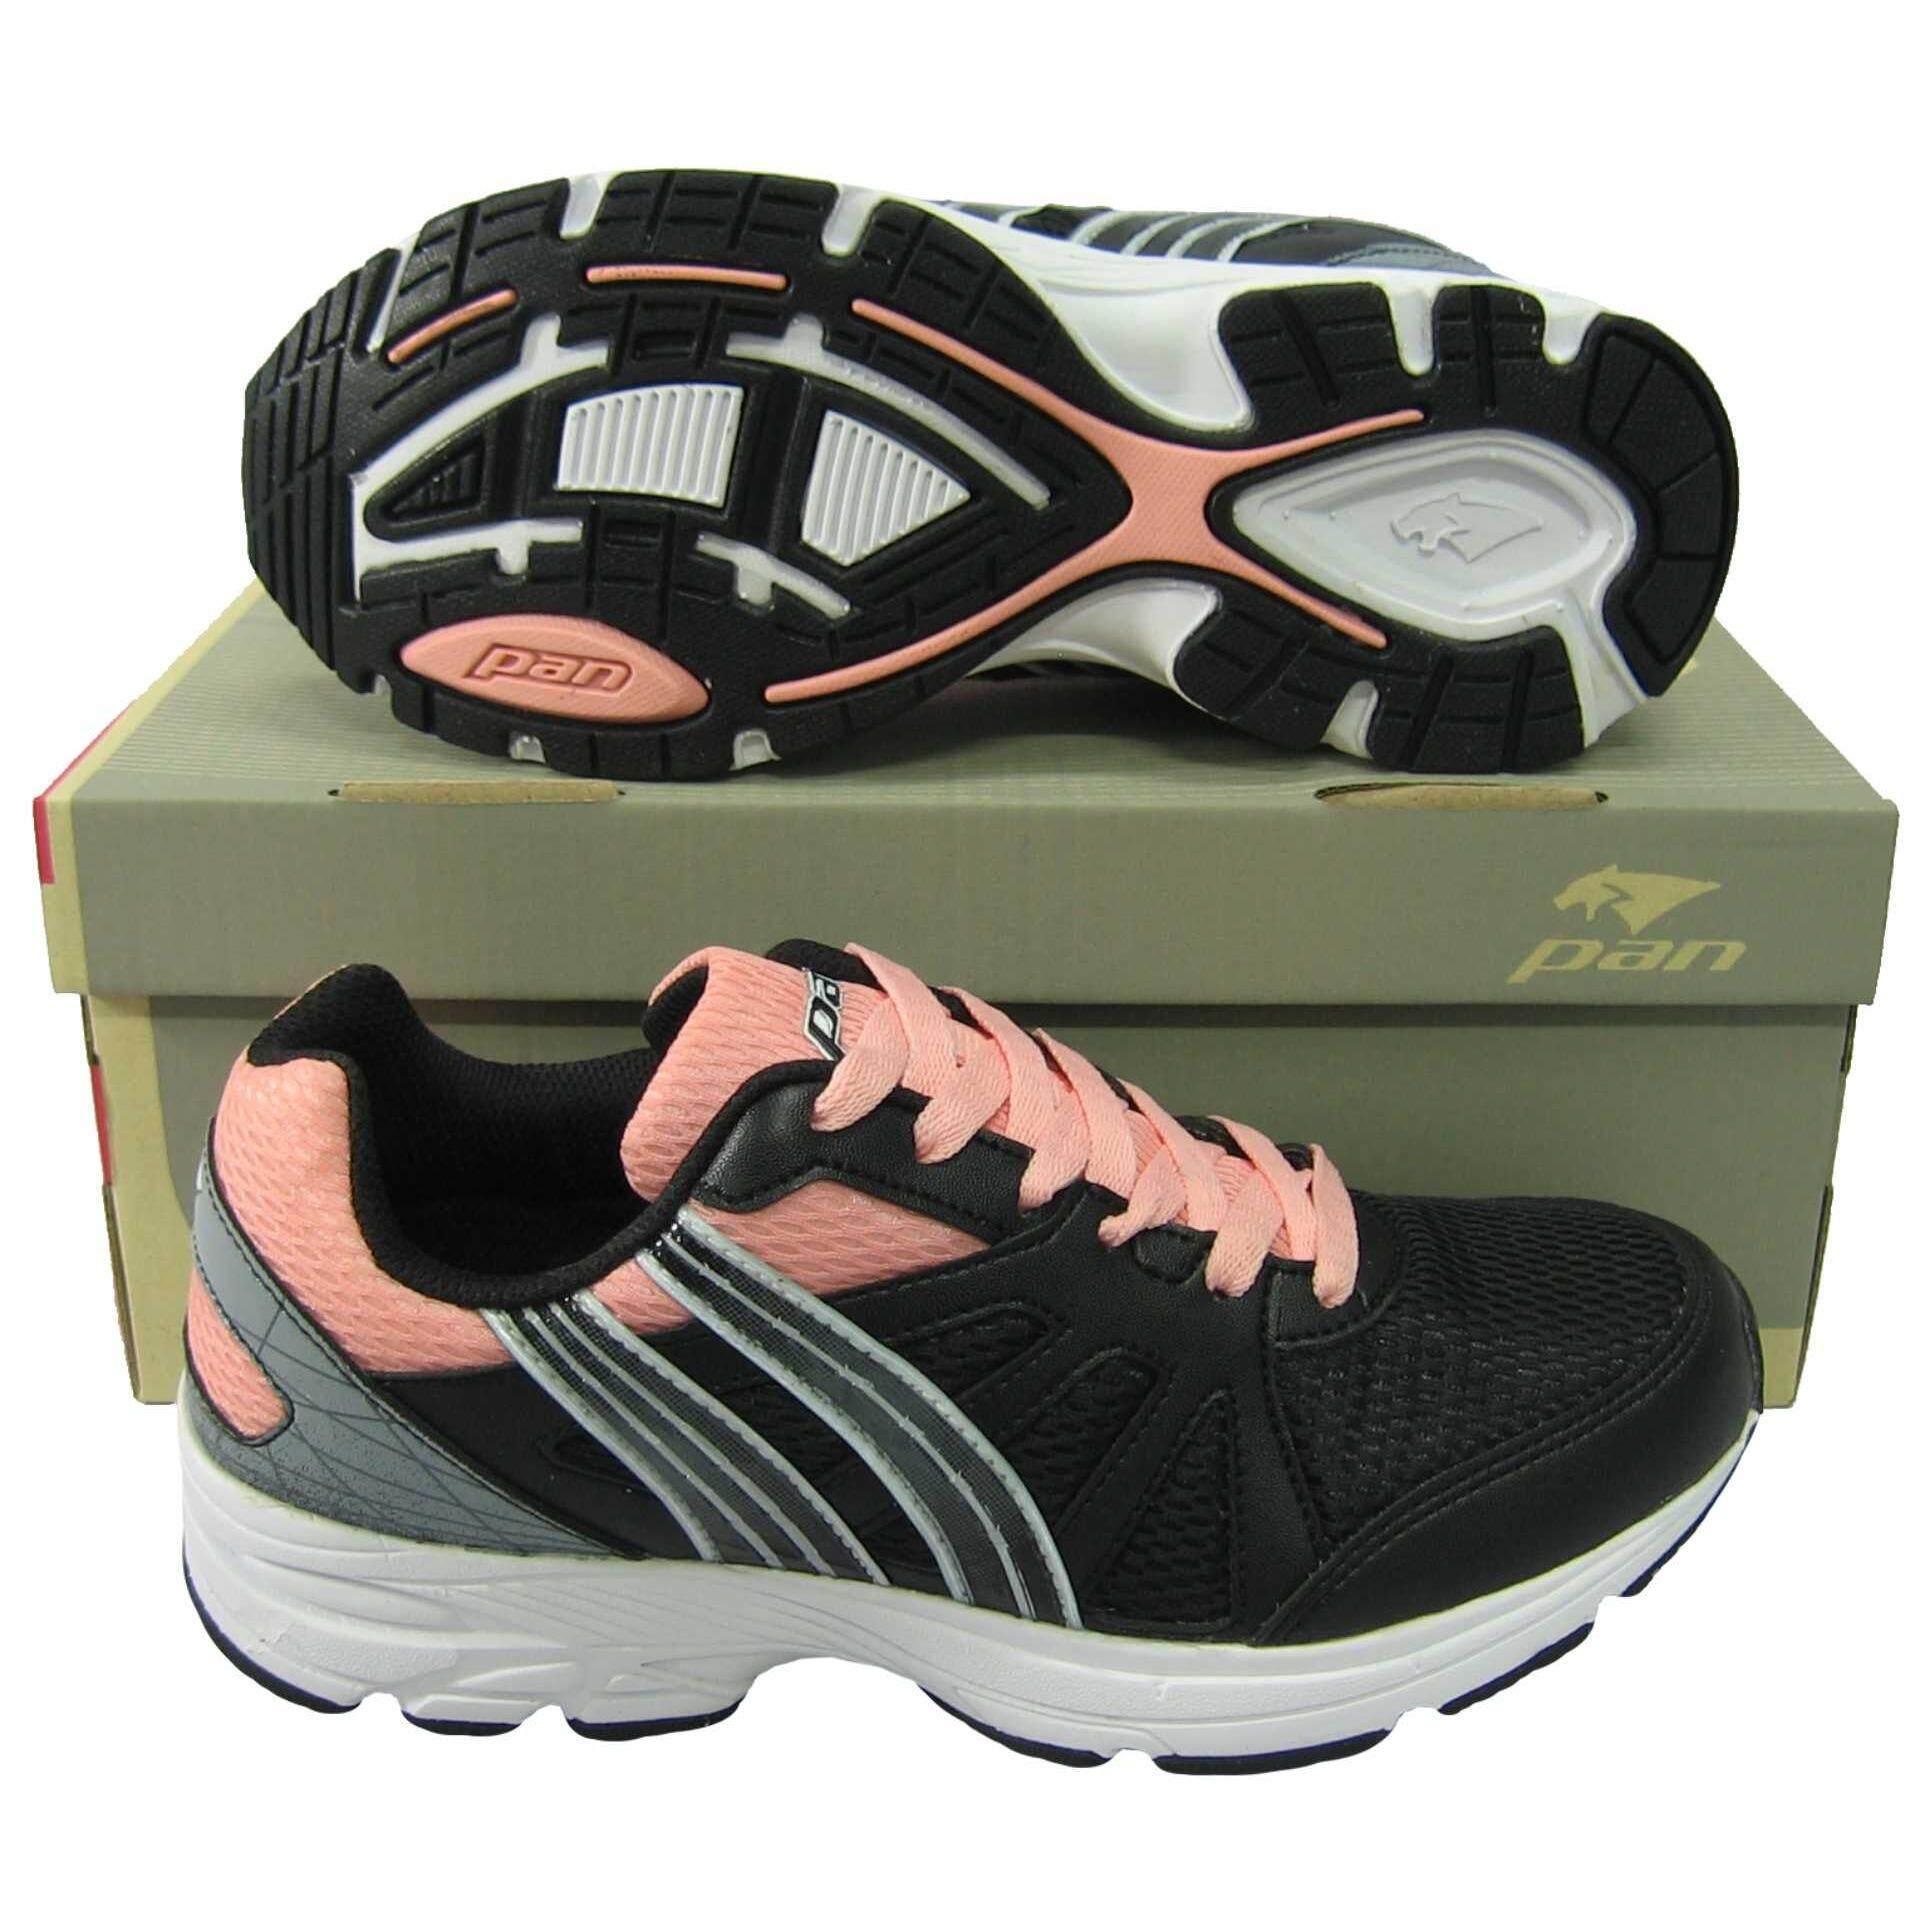 ส่วนลด สินค้า รองเท้าวิ่ง รองเท้าจ๊อกกิ้ง Pan Pf 16M1 Runday 5 ดำชมพู